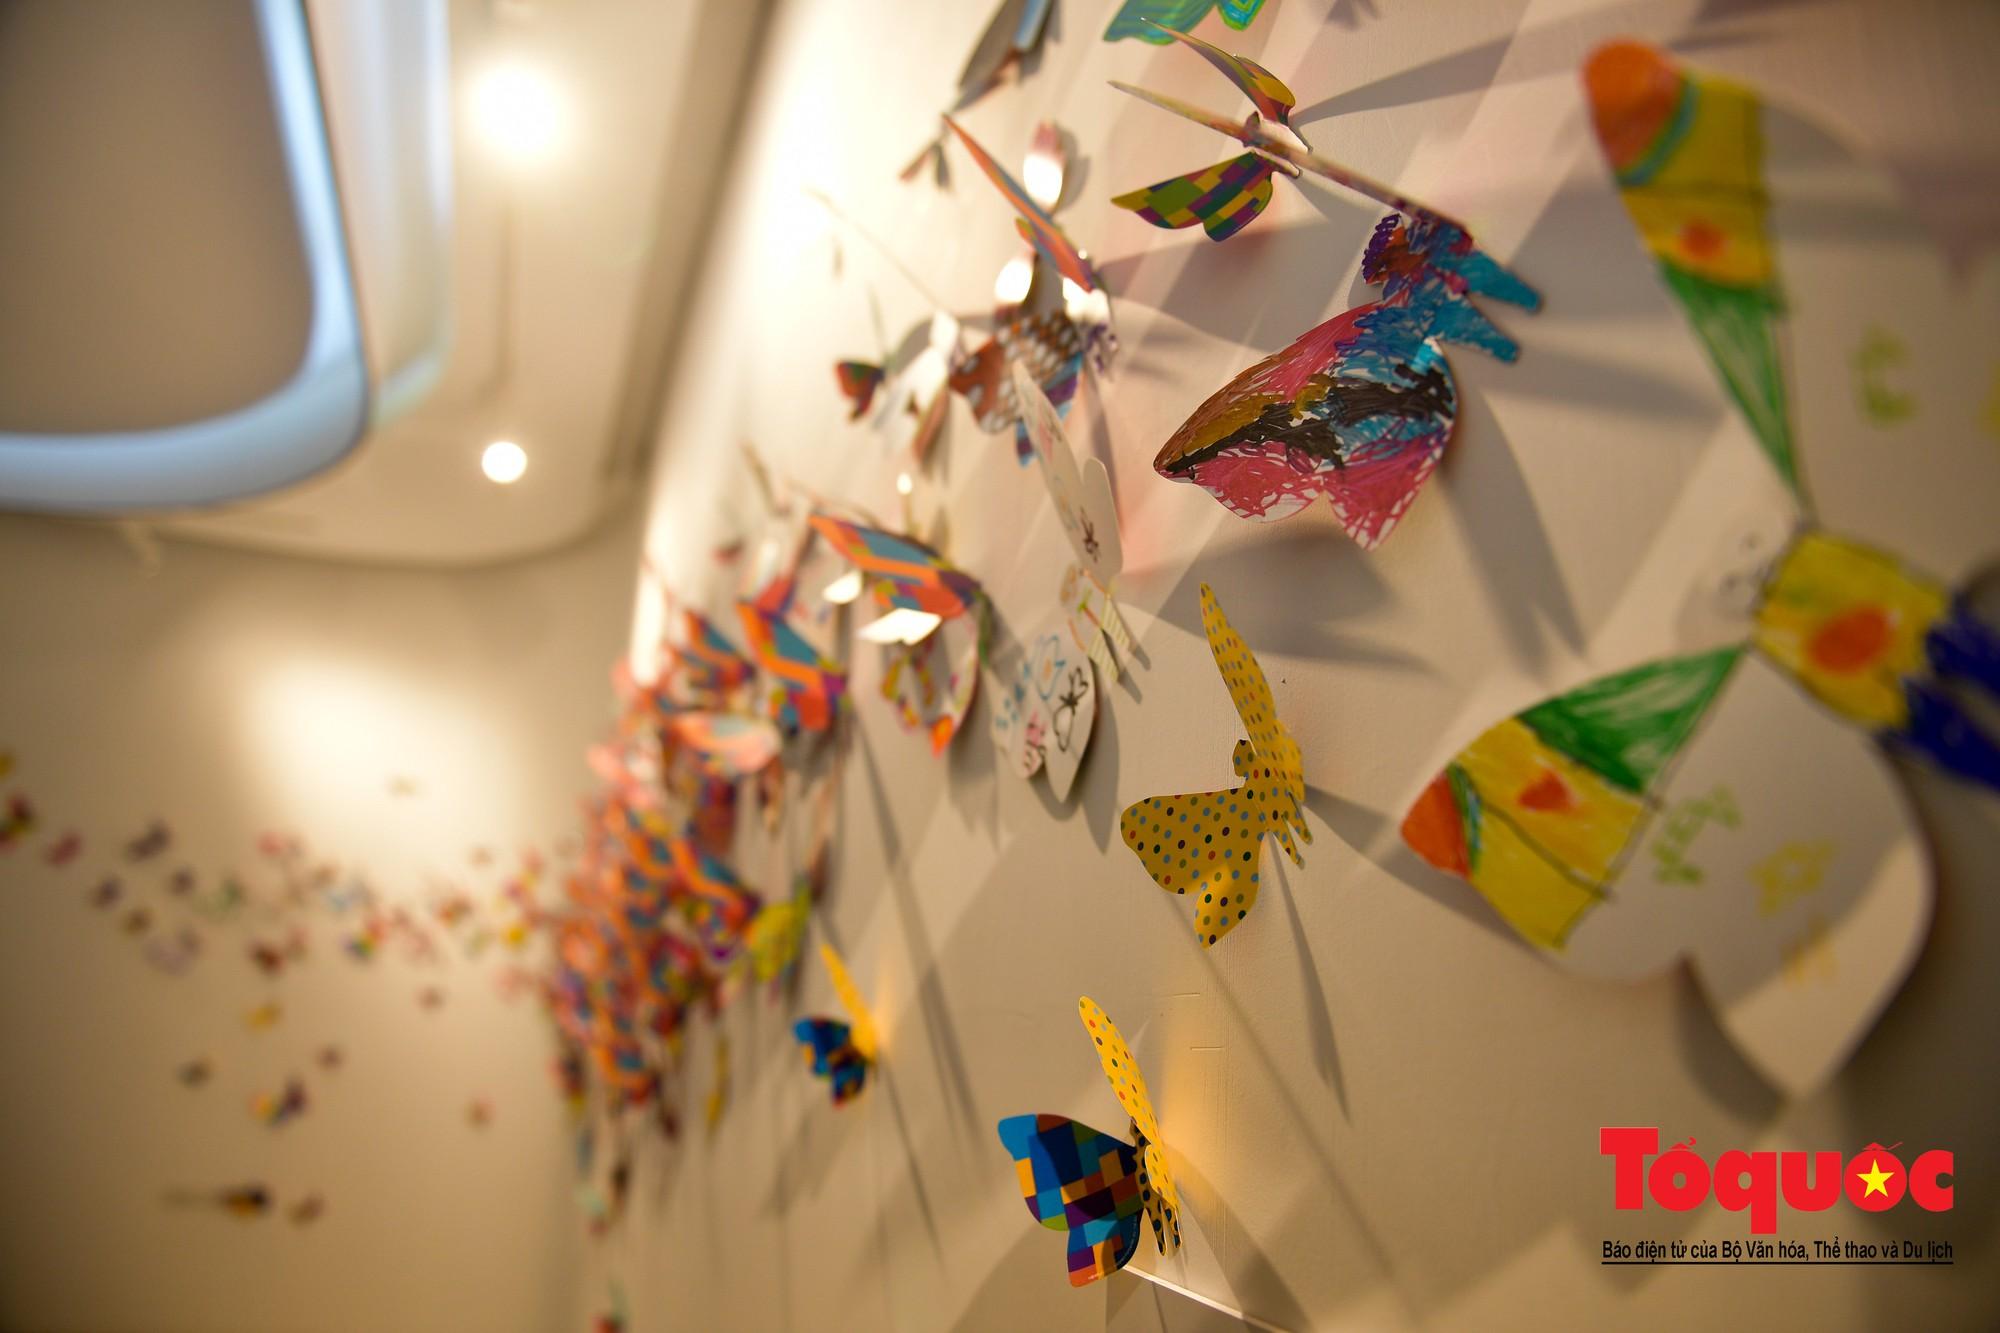 Hàng ngàn cánh bướm mang thông điệp hoà bình giữa lòng Hà Nội8